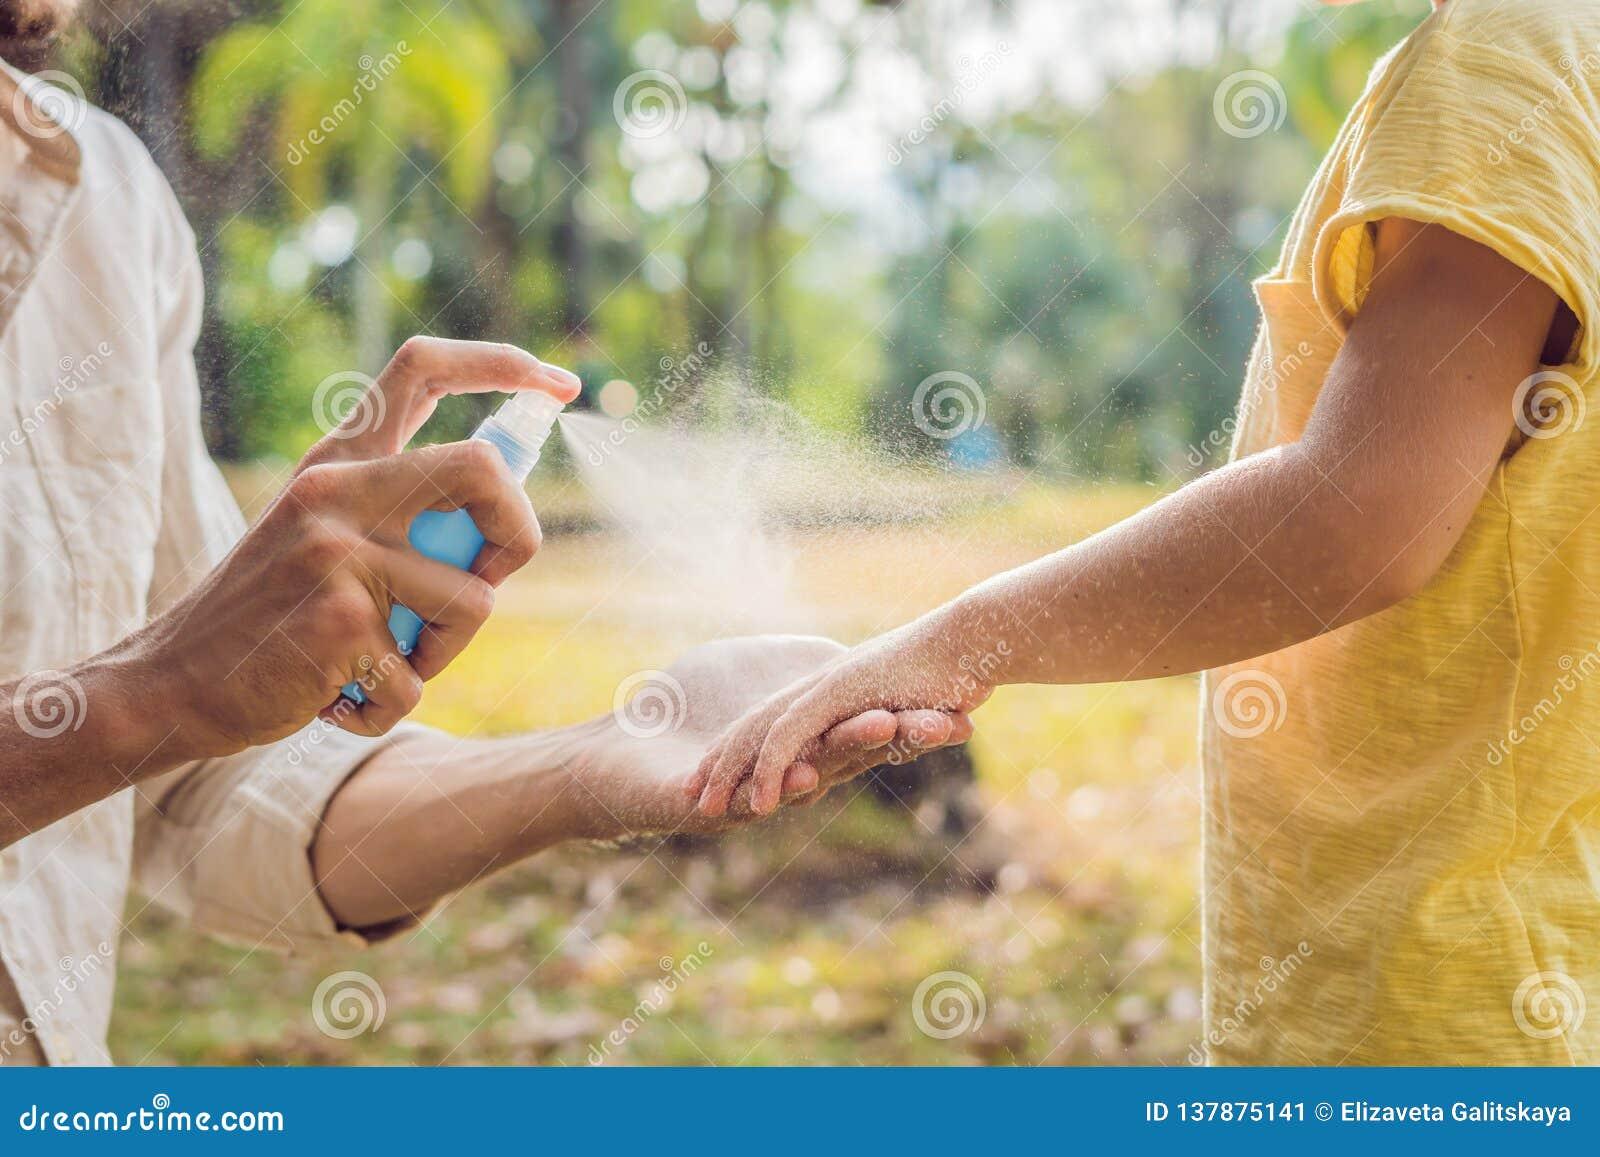 Sprej för farsa- och sonbruksmygga Bespruta krypimpregneringsmedlet på utomhus- hud